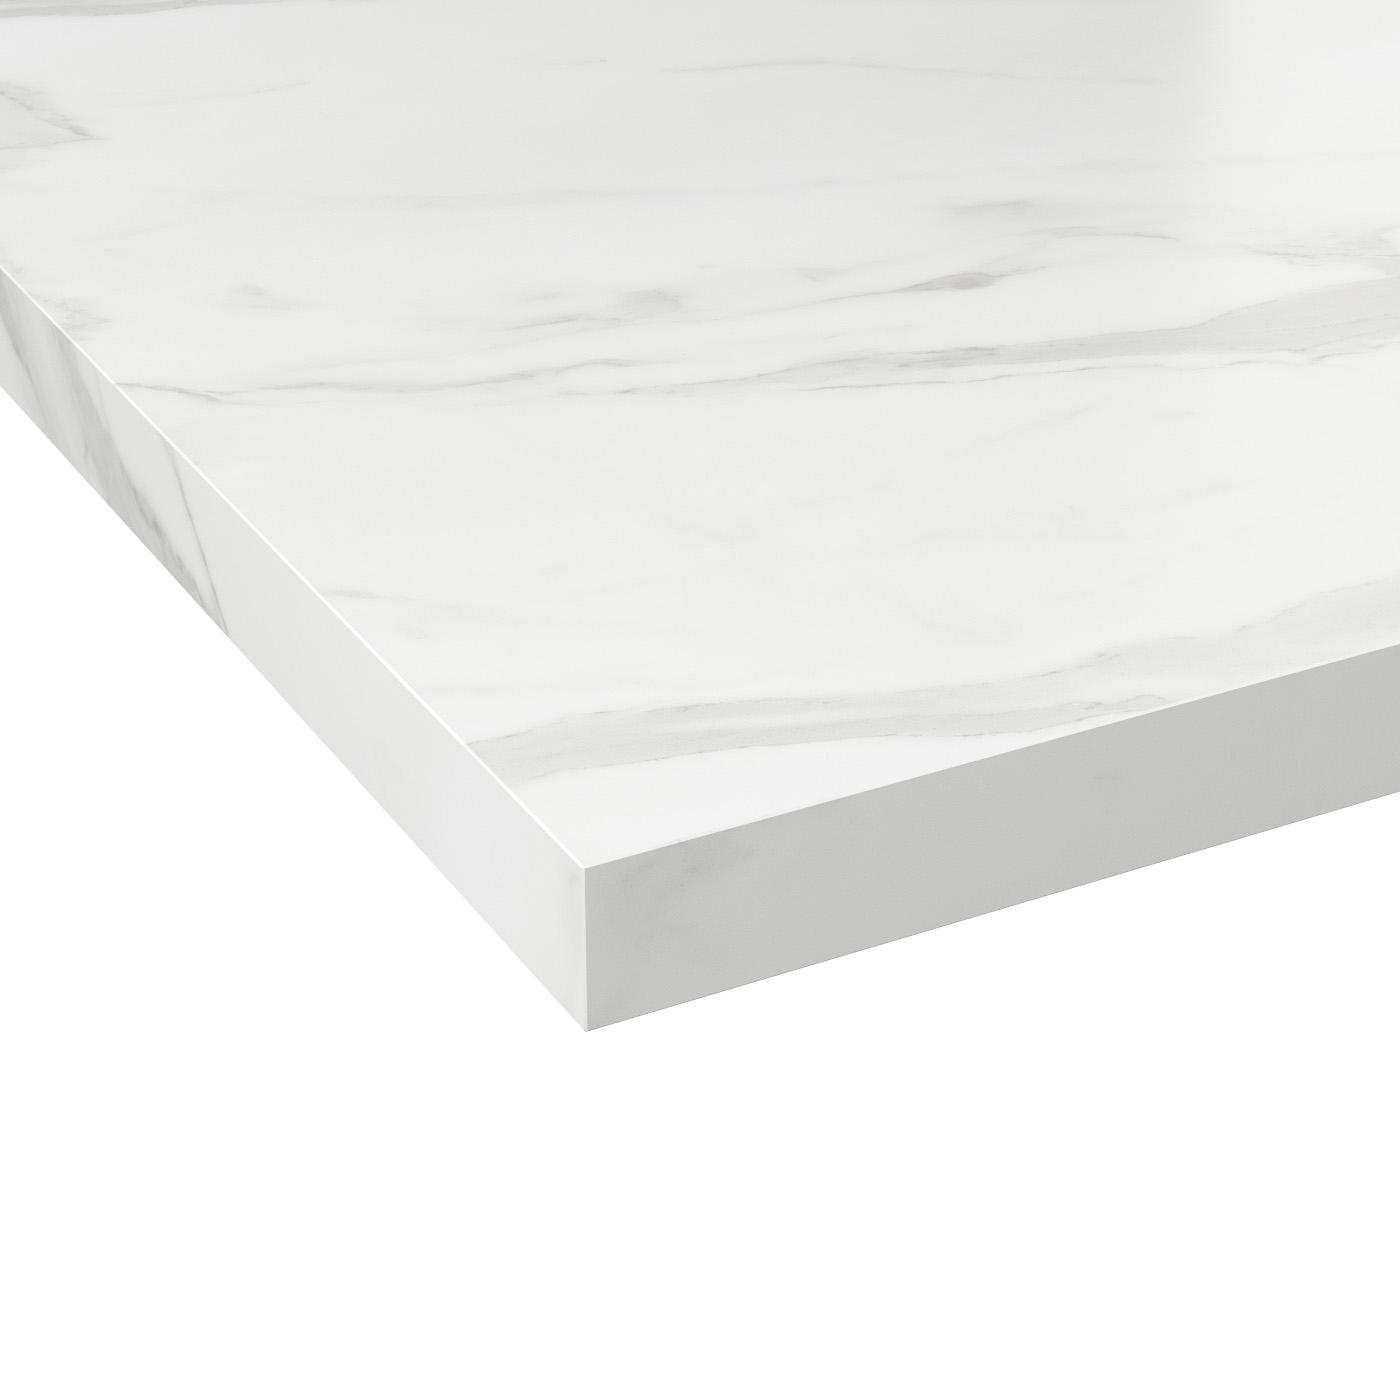 Plan De Travail Laminé plan de travail cuisine n°308 décor marbre blanc stratifié, chant  coordonné, l204 x l62 x e3.8 cm, planeko